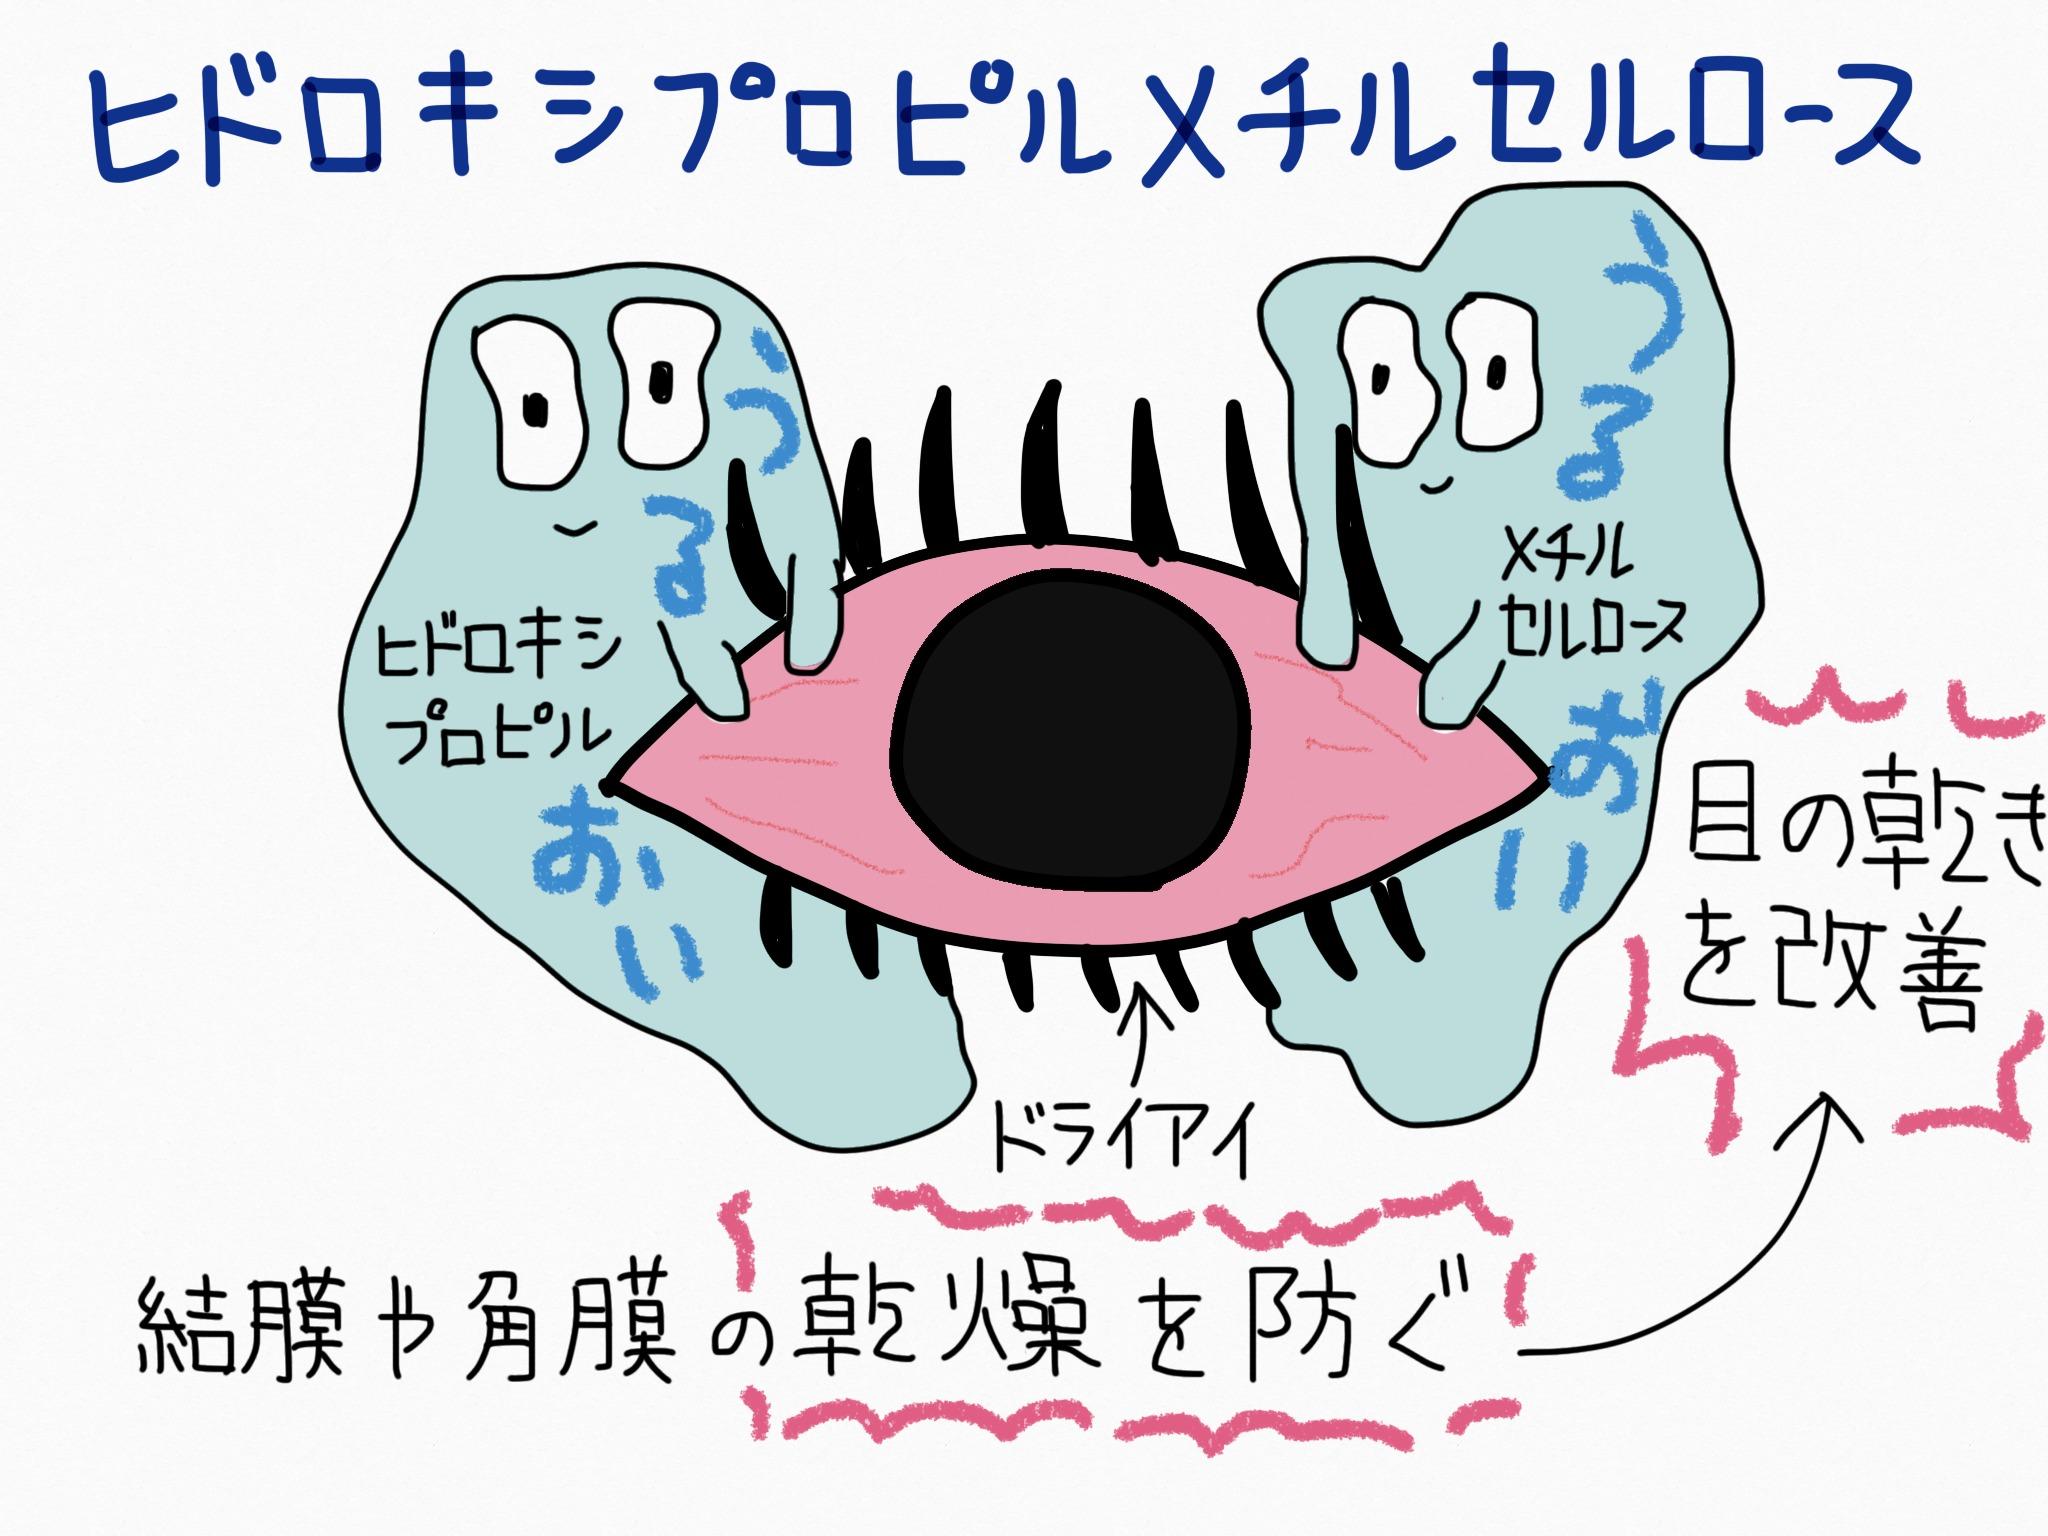 ヒドロキシプロピルメチルセルロース・目の乾きを改善する成分の覚え方